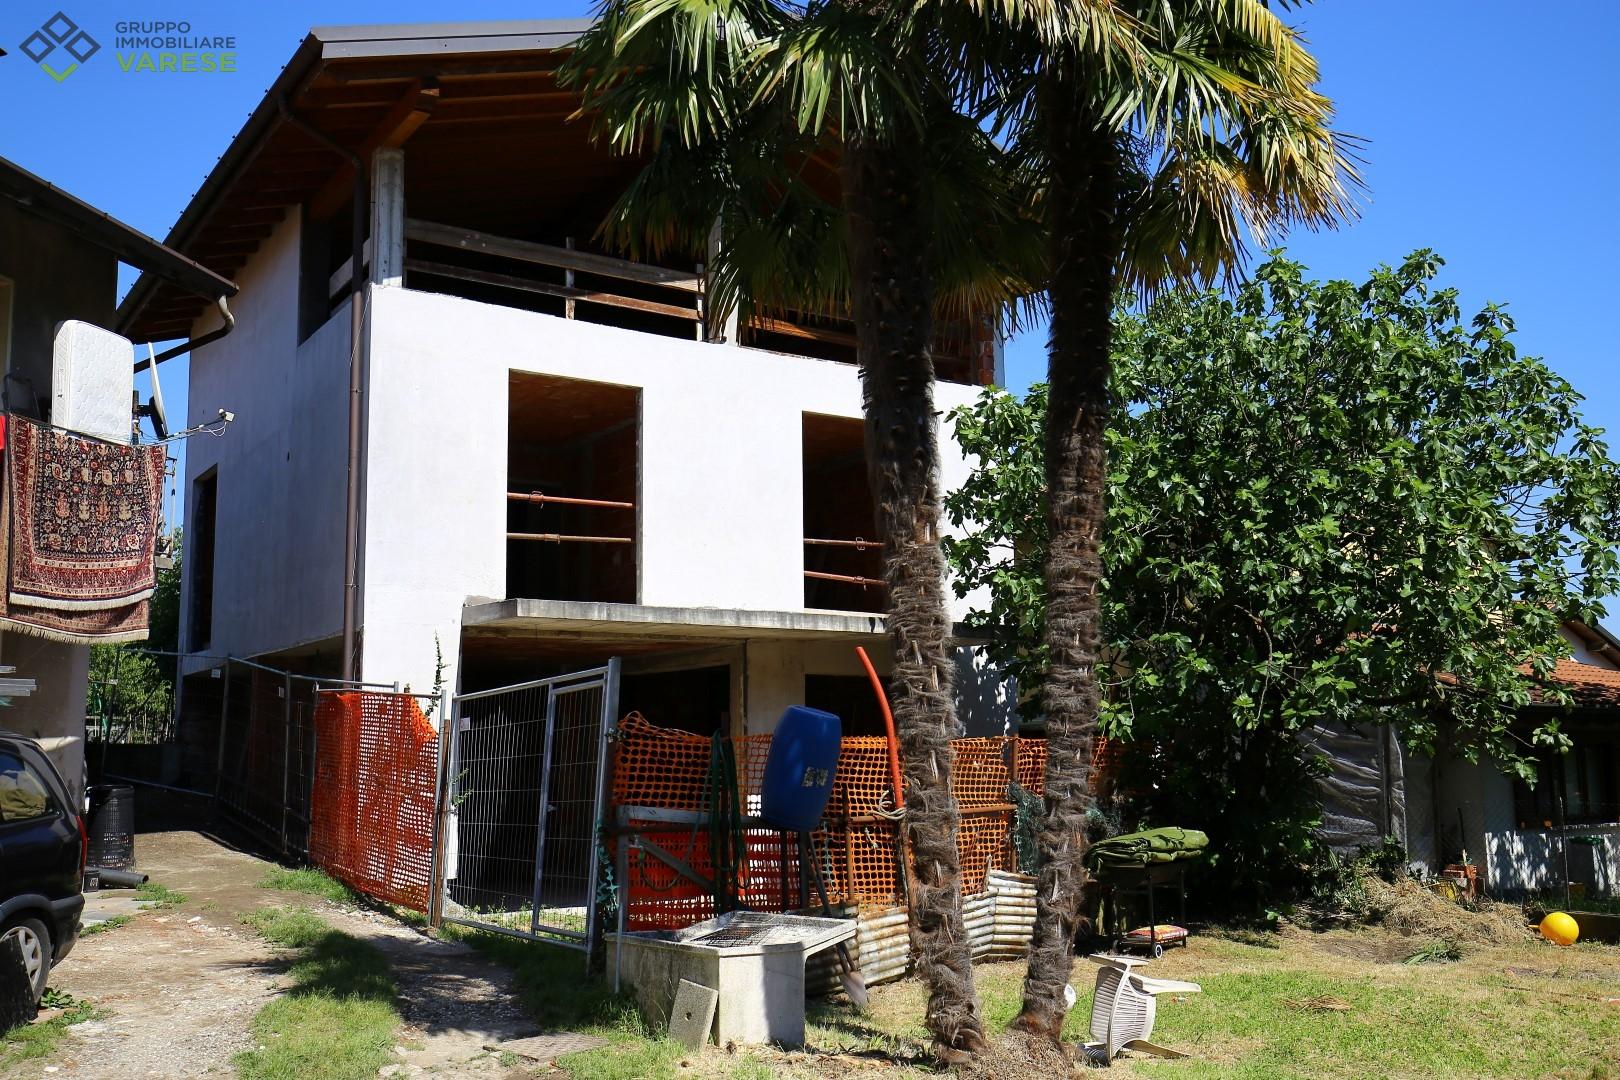 Soluzione Indipendente in vendita a Besozzo, 5 locali, zona Zona: Beverina, prezzo € 127.000   CambioCasa.it